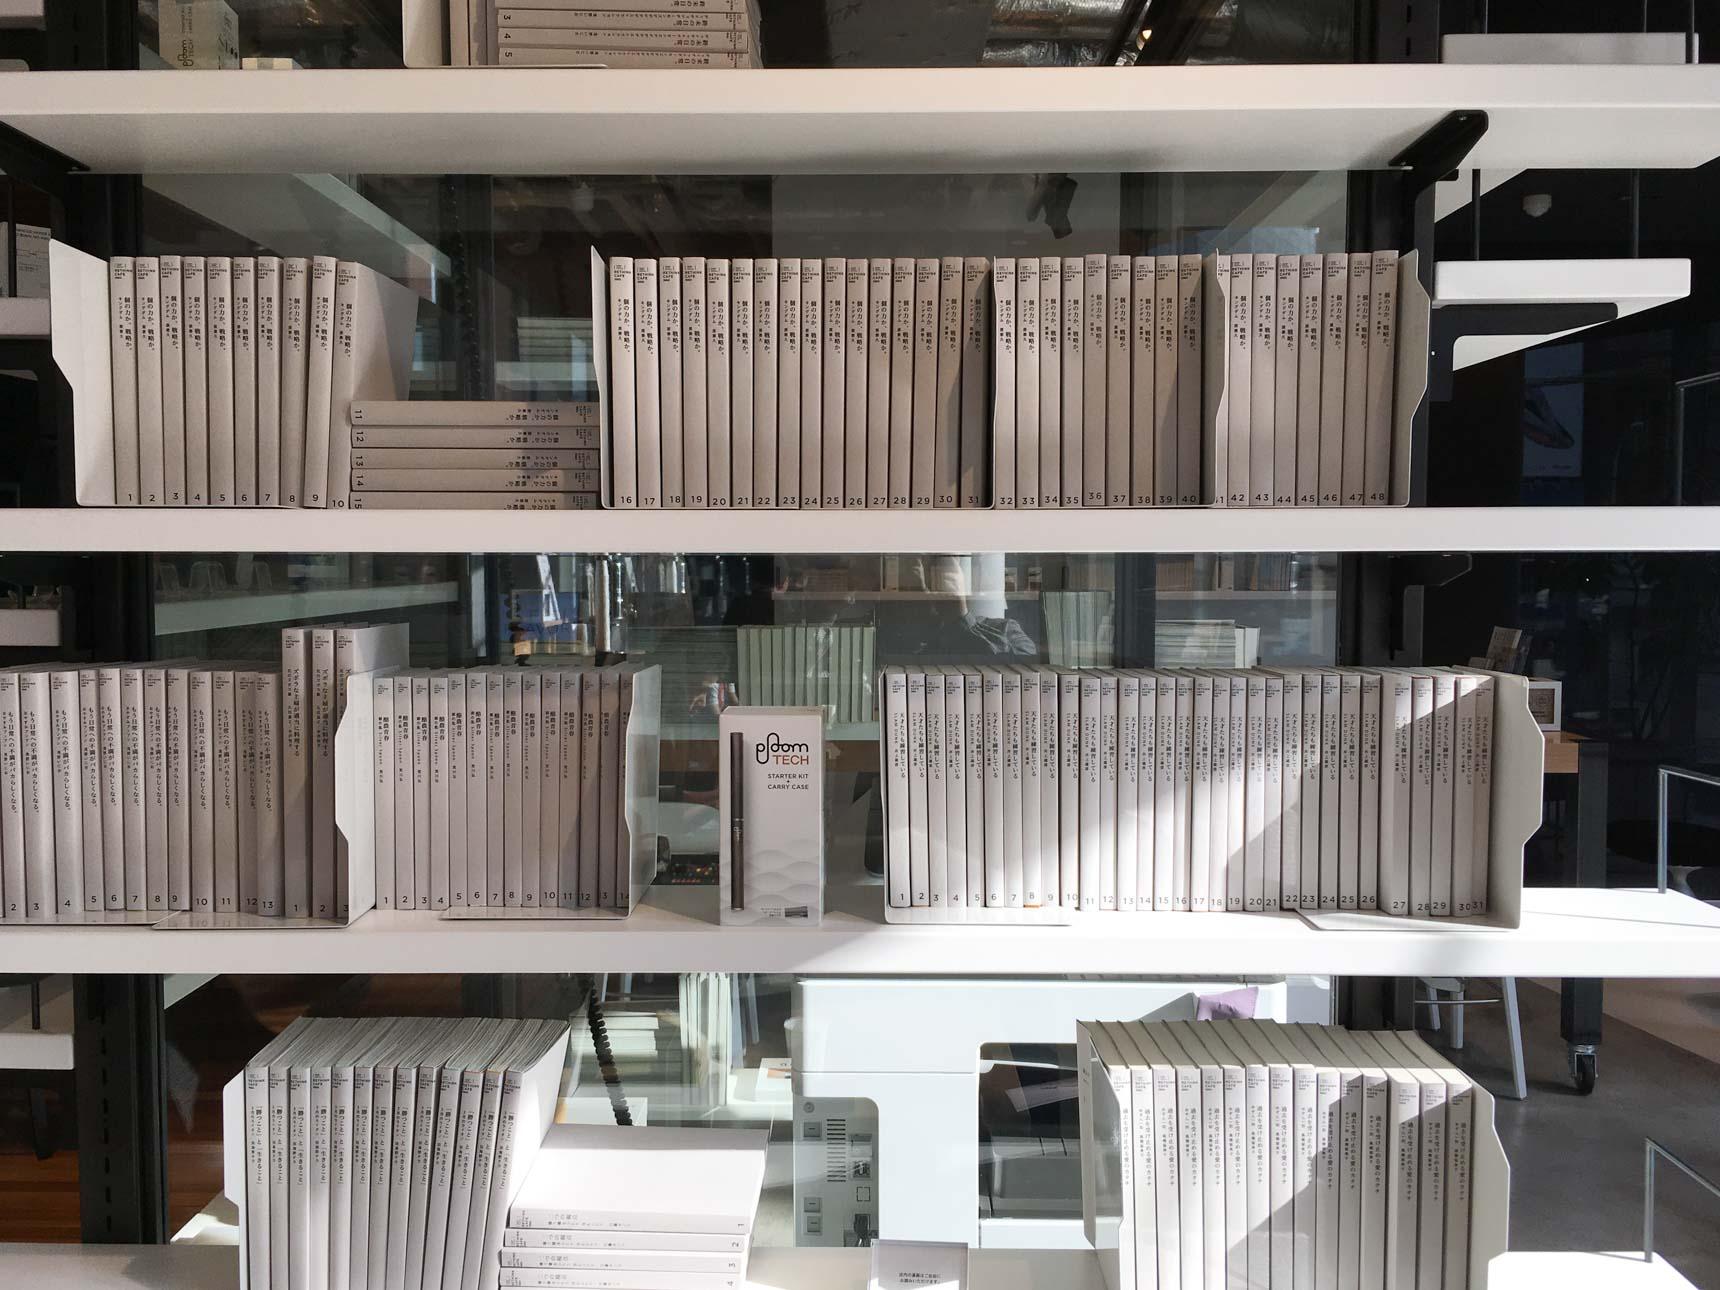 ここに並んでいるとてもおしゃれな本、「スラムダンク全巻」だって気づきました…?市販されているブックカバーを使うか、自作するのも面白そう。カバーを裏返すだけでもOK(こちらはRETHINK CAFE SHIBUYA)